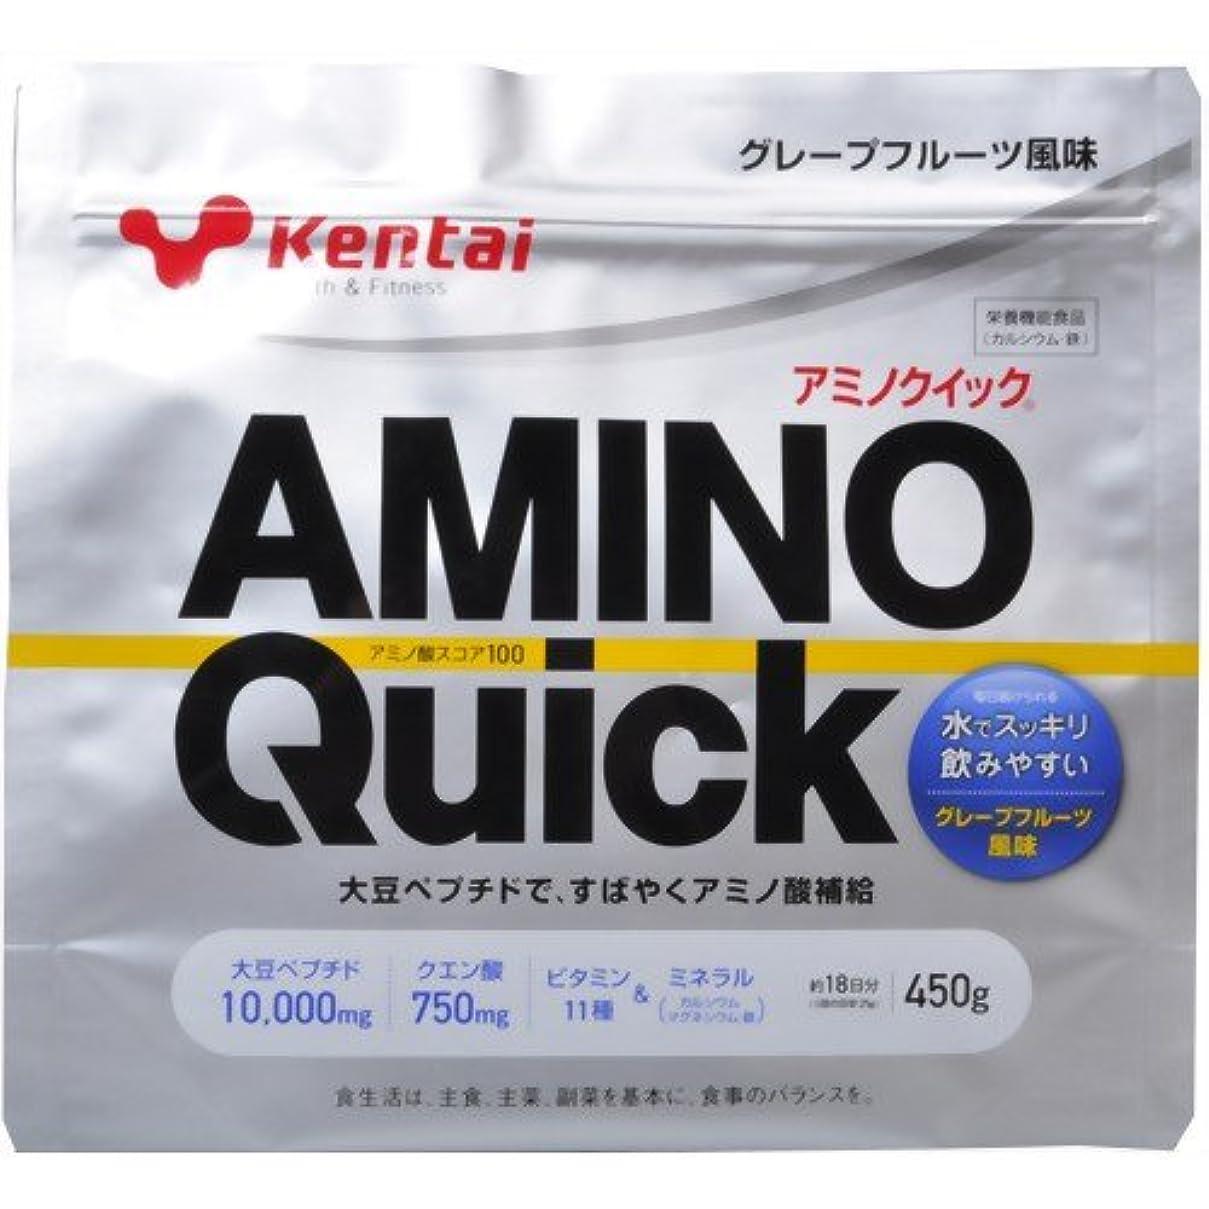 骨折クスコこれらKentai(ケンタイ) アミノクイック(大豆ペプチド) グレープフルーツ風味 450g